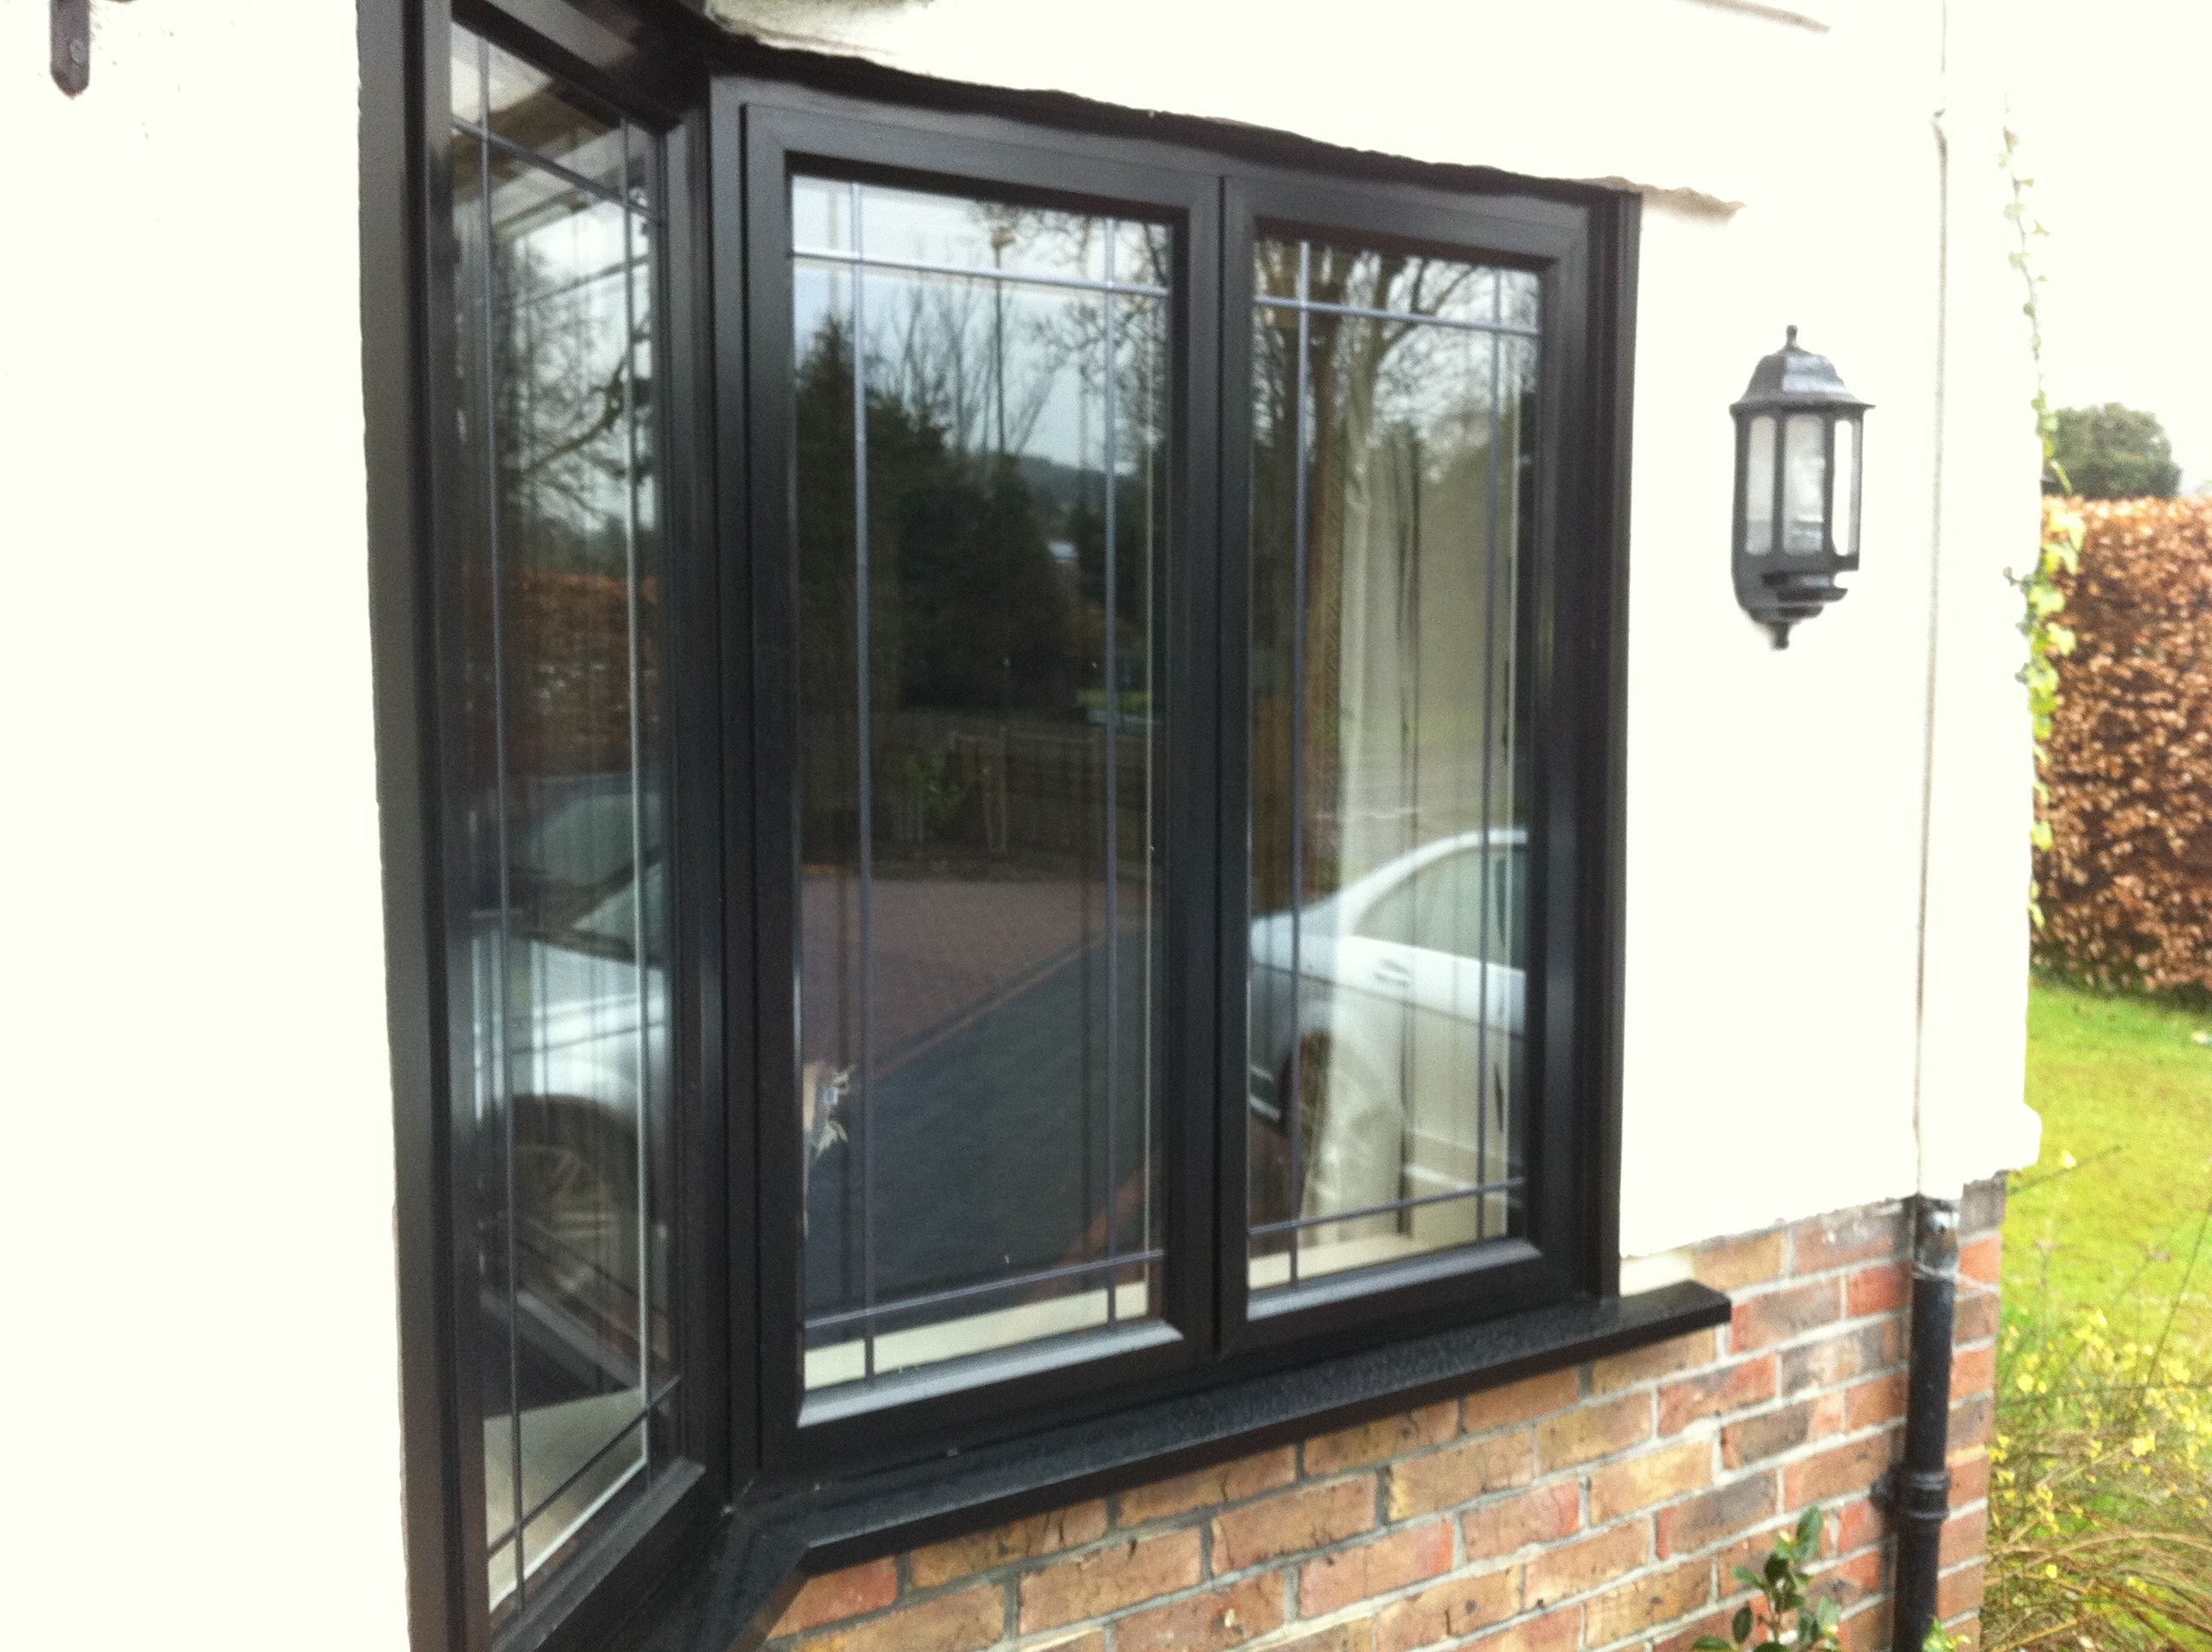 Black aluminium window